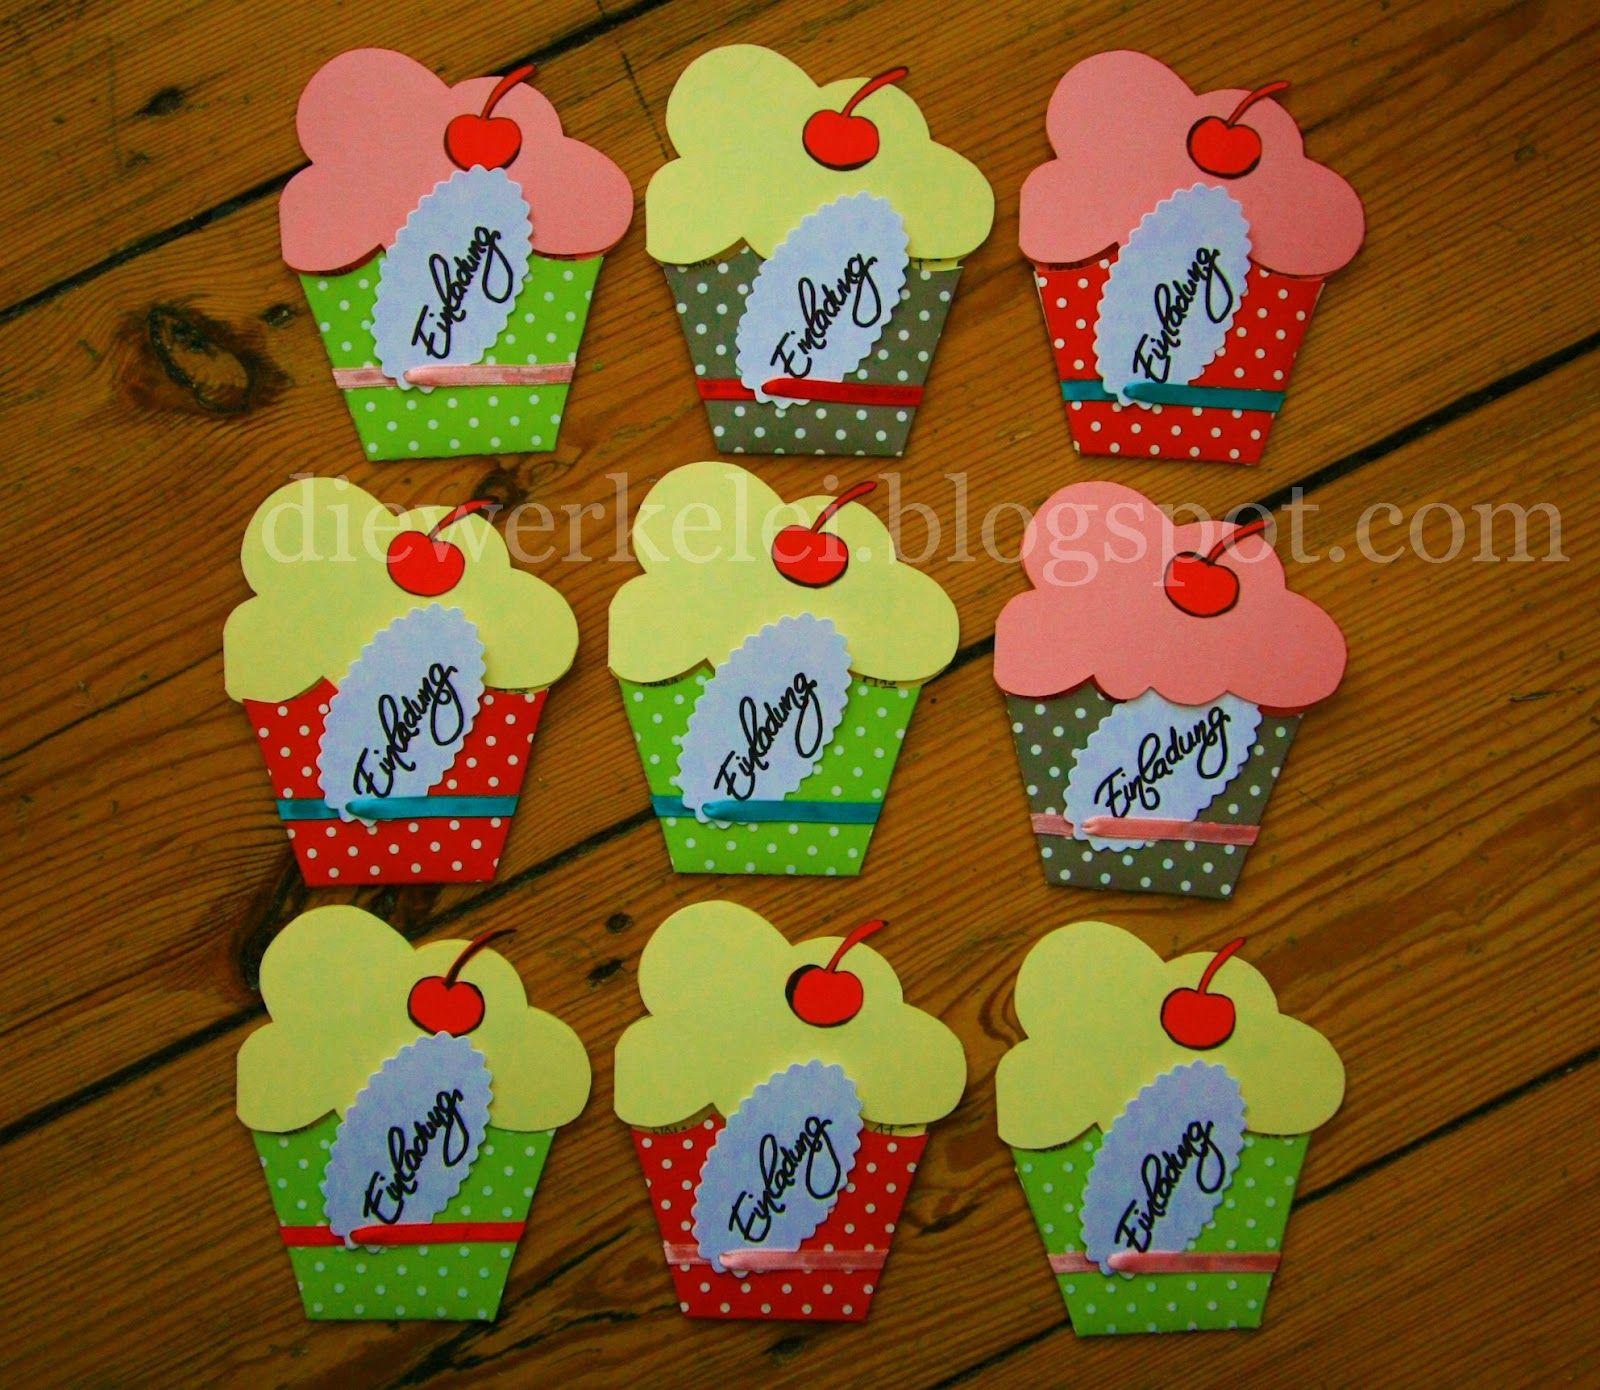 die werkelei fröhlich: einladungskarten: cupcake muffin, Einladungsentwurf